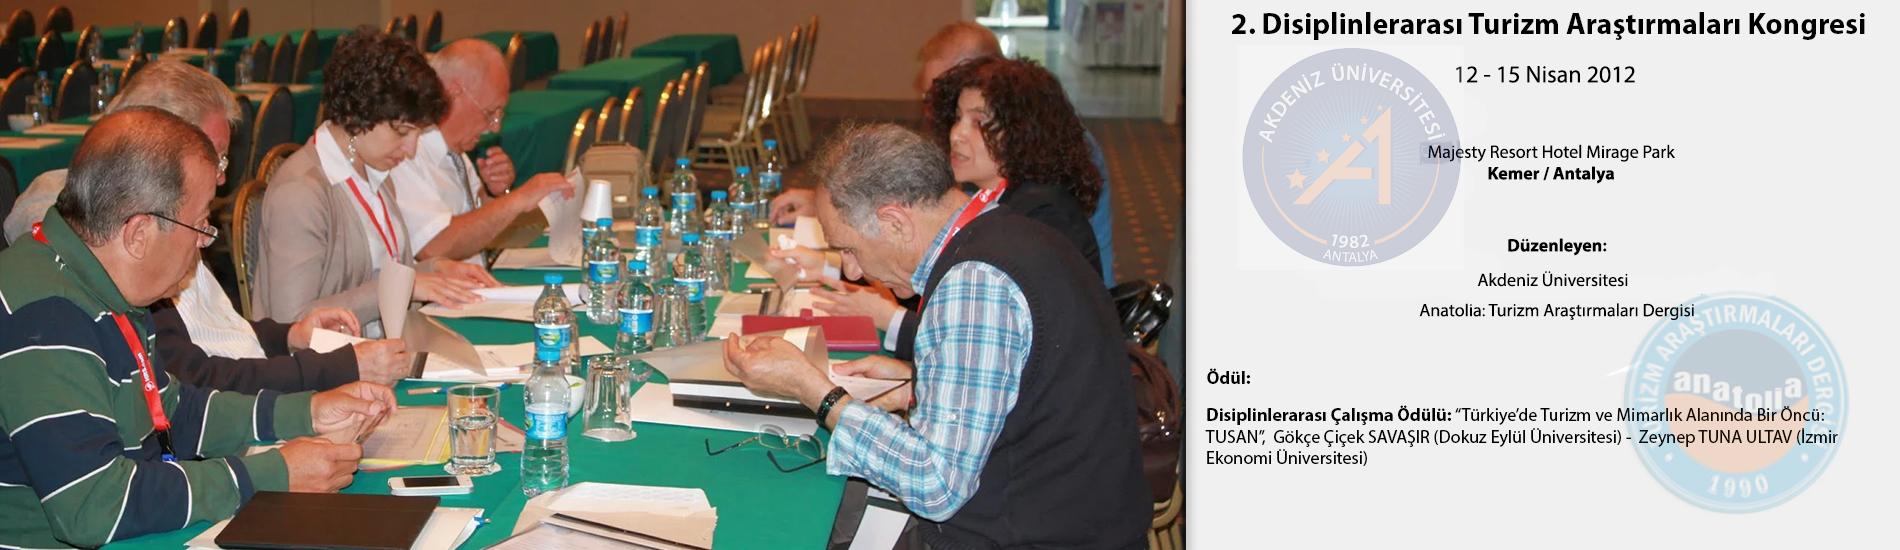 2. Disiplinlerarası Turizm Araştırmaları Kongresi